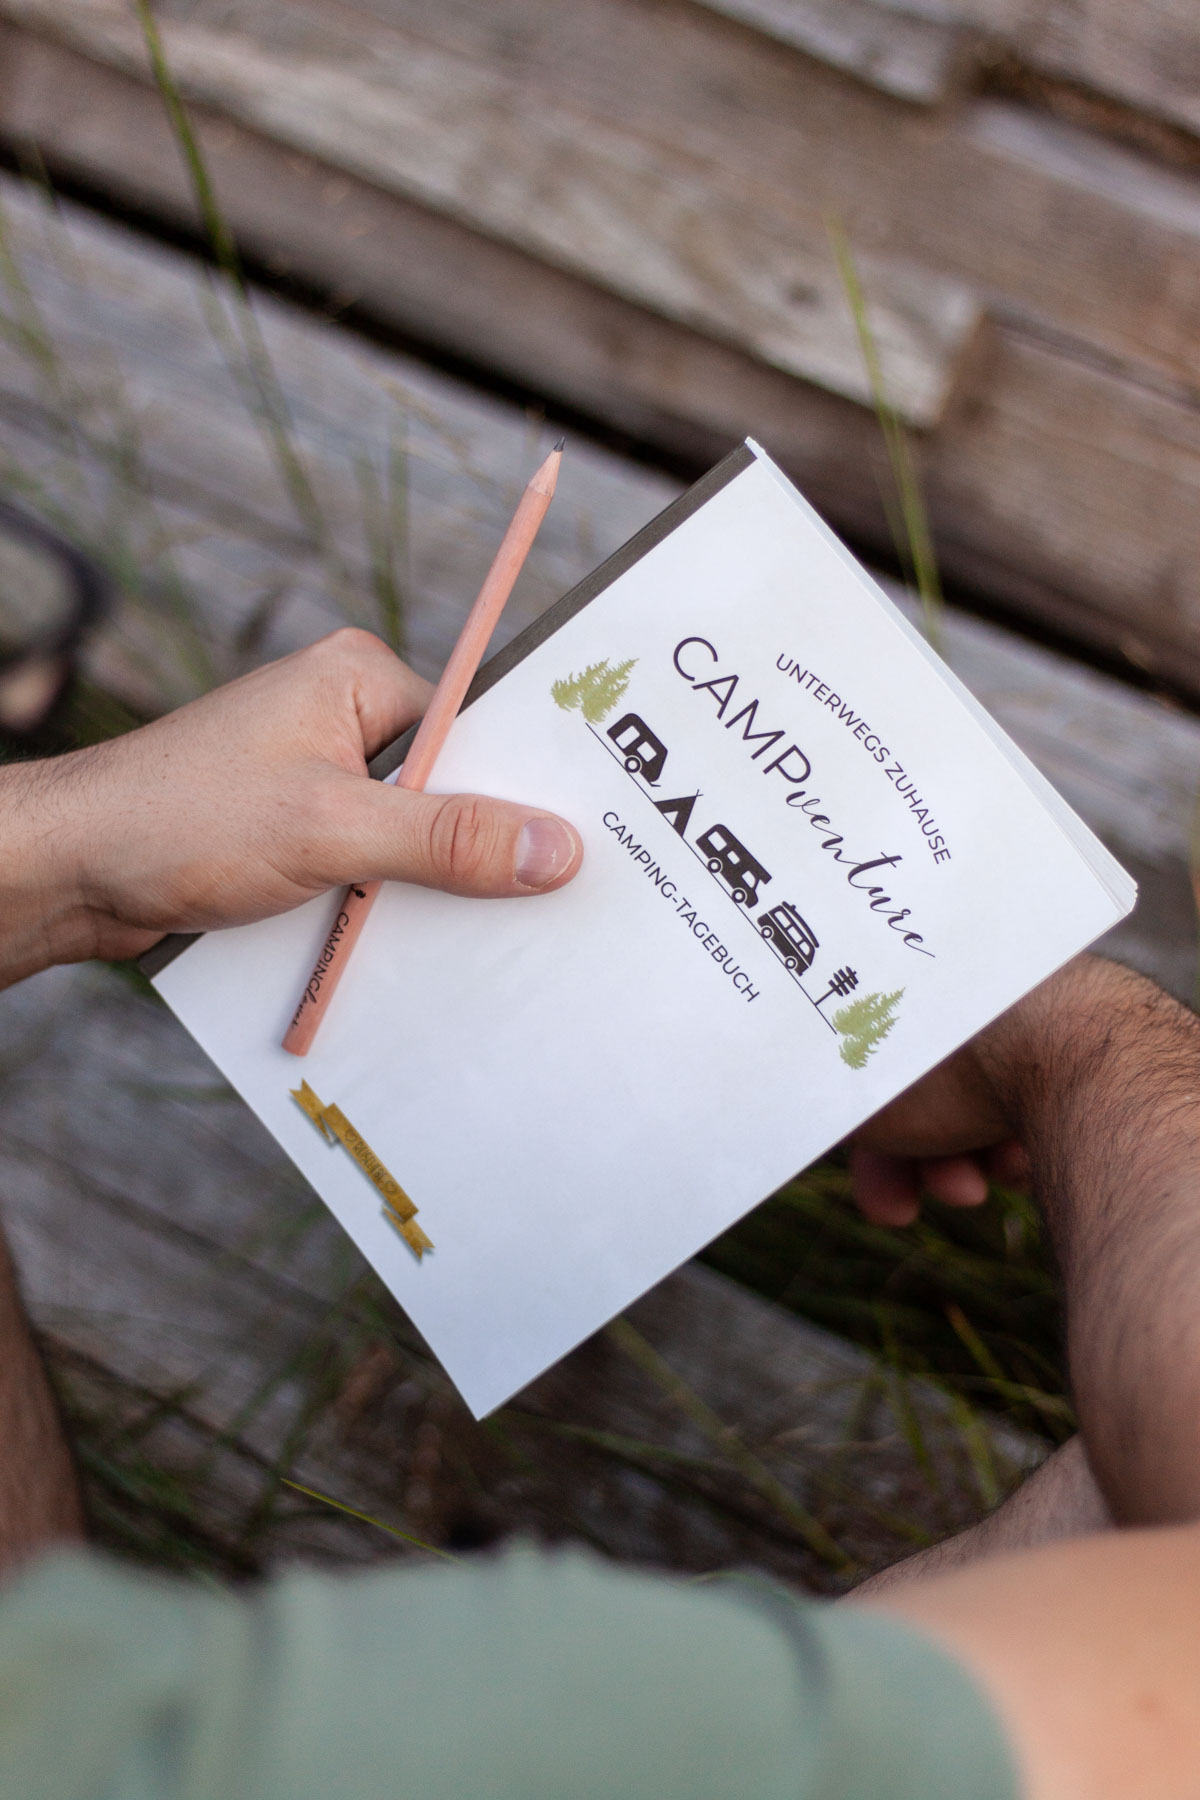 Camping-Tagebuch und Bleistift: Weihanchtsgeschenk für Camper